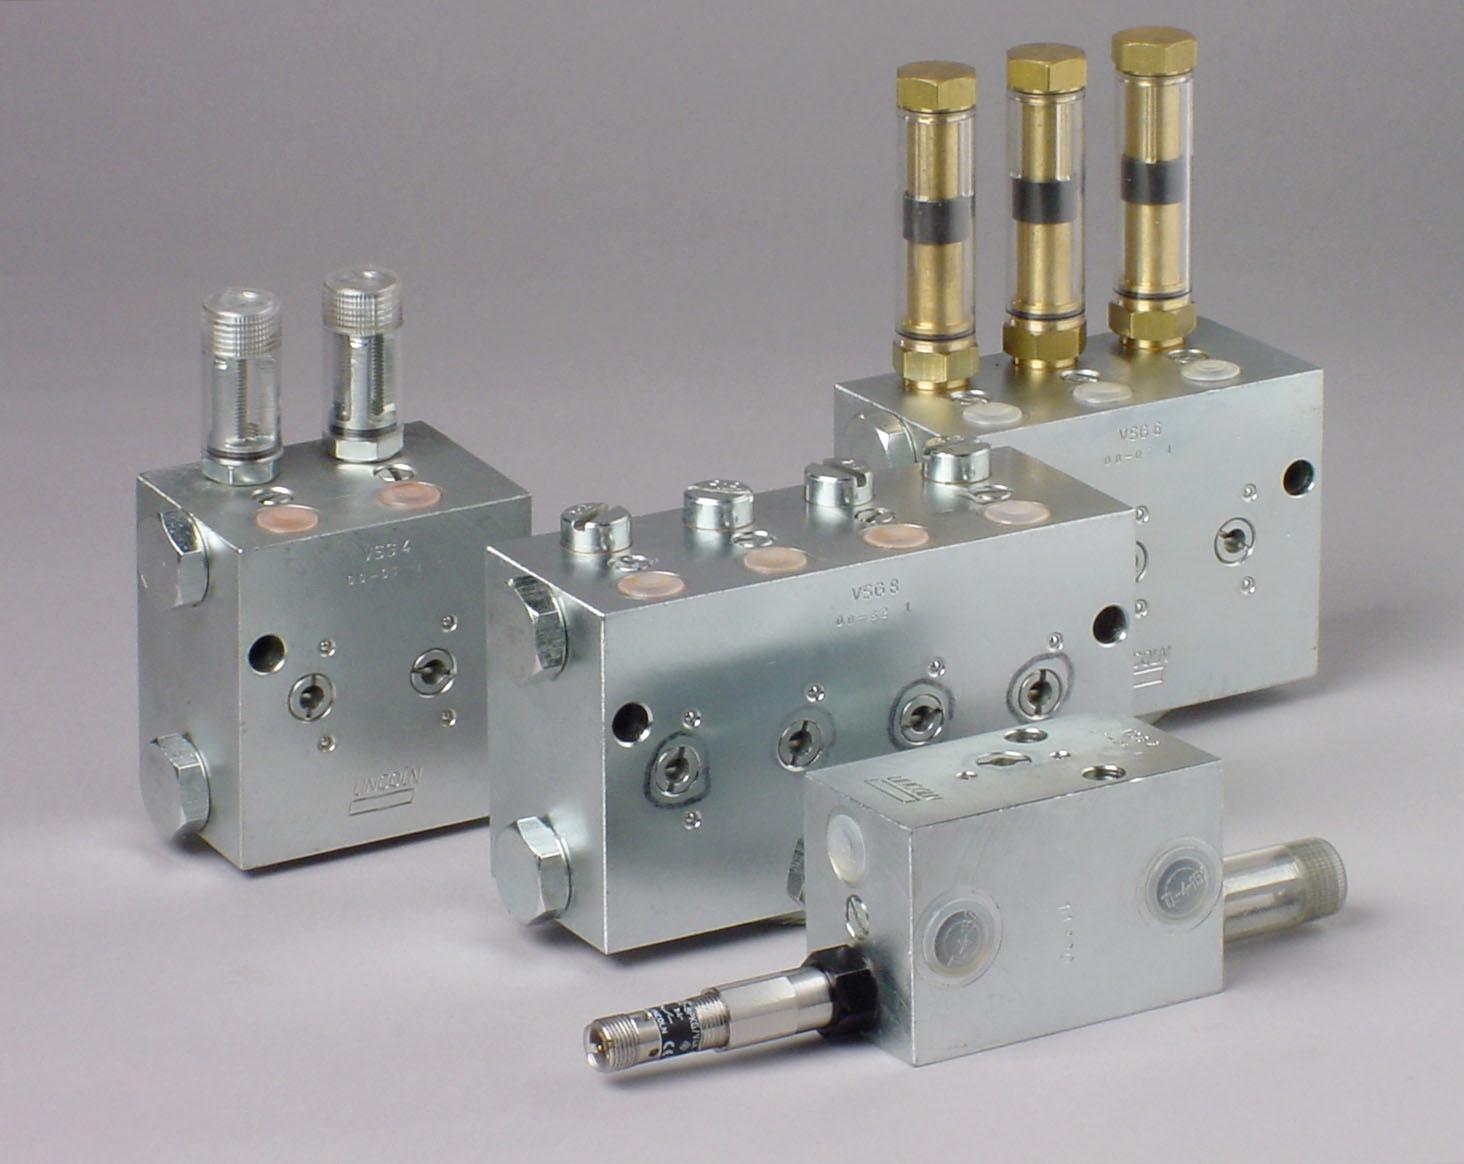 潤滑分配器/林肯潤滑分配器/雙線系統分配器-- 上海諾法機械設備有限公司